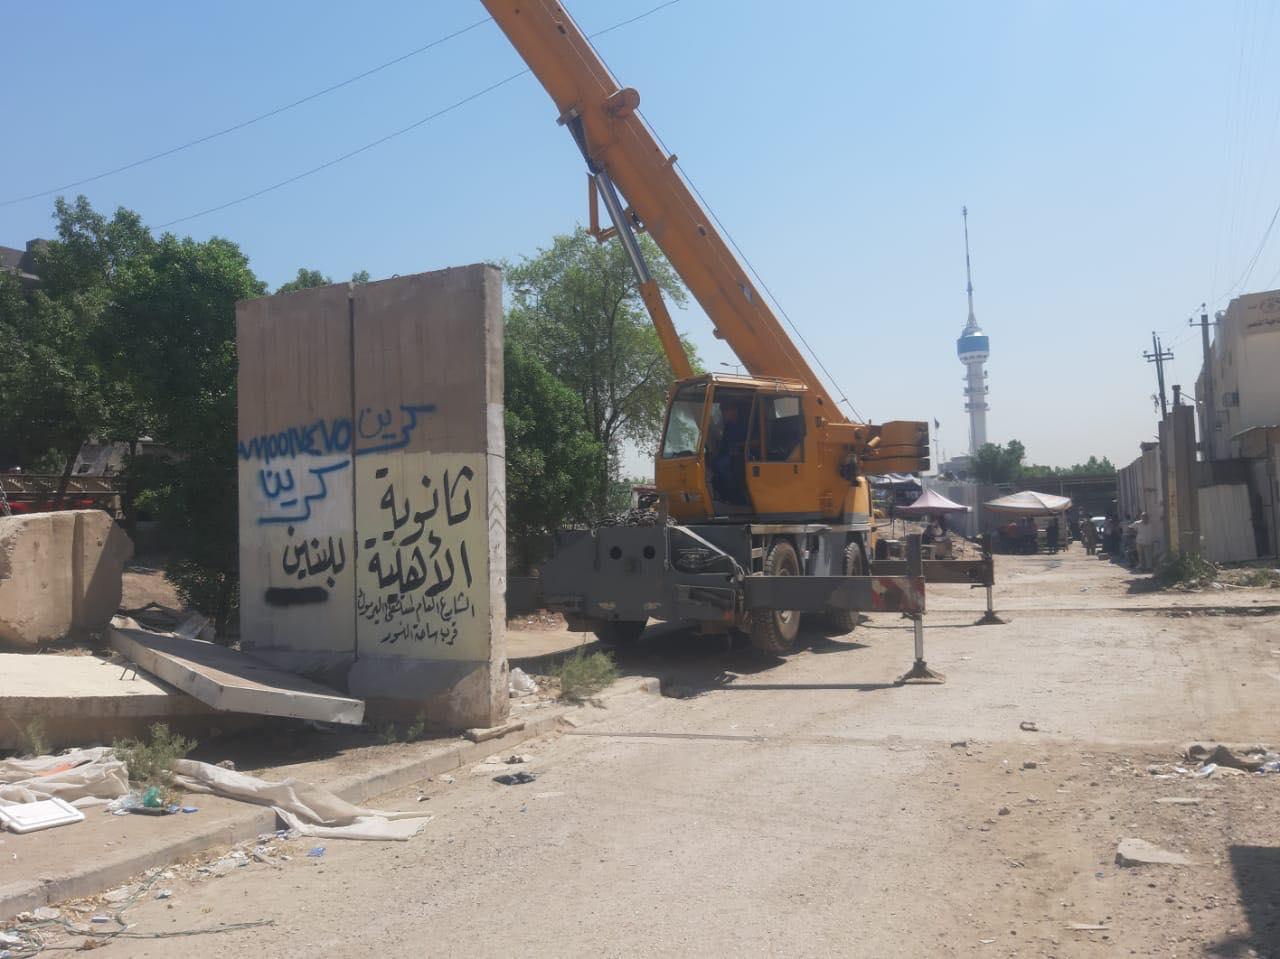 رفع كتل كونكريتية من موقعين غرب وجنوب بغداد (صور)